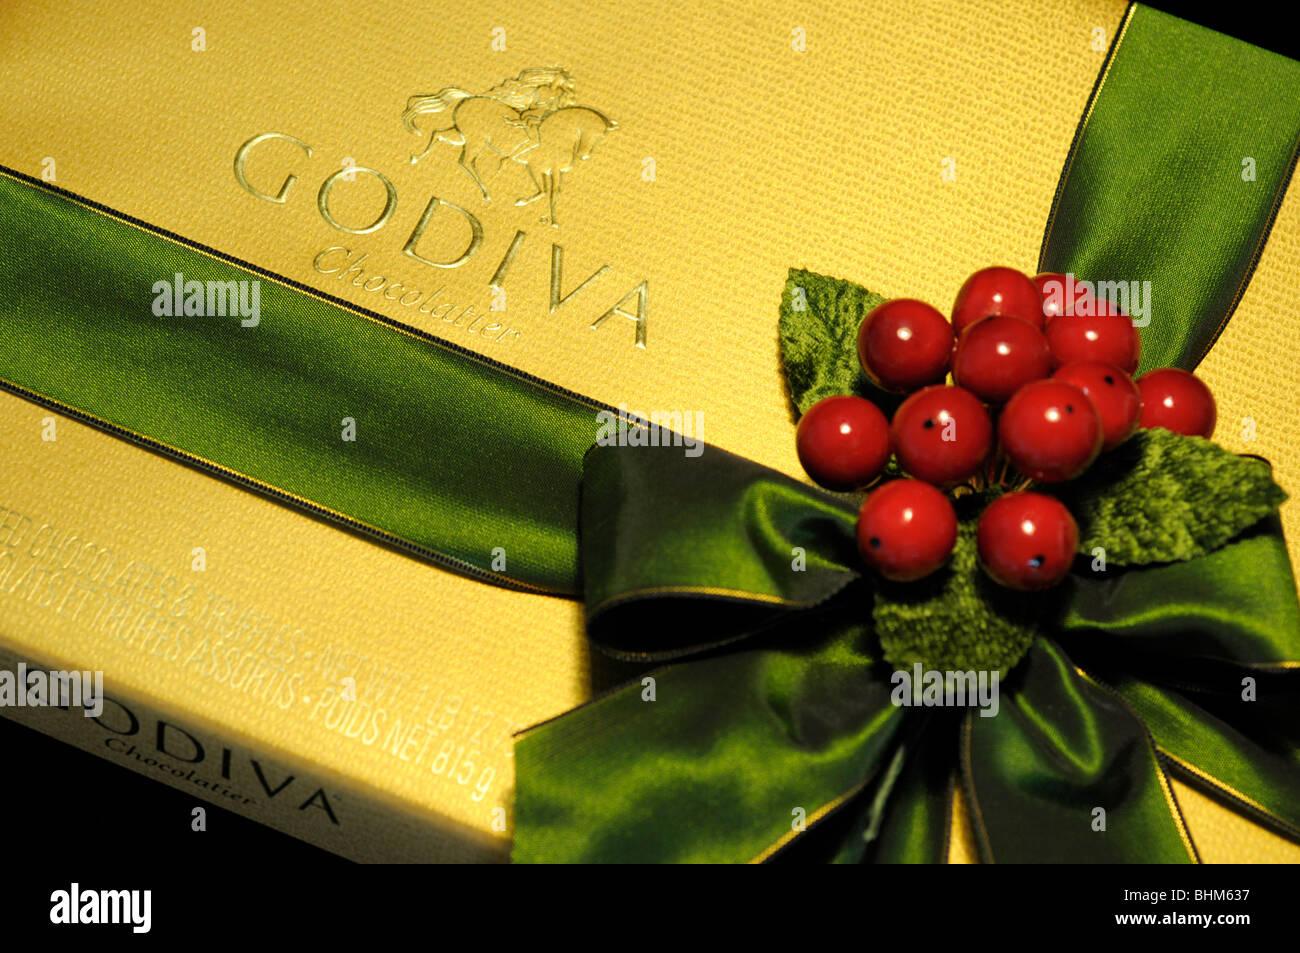 Boîte de chocolats enveloppés de cadeau de Noël Photo Stock